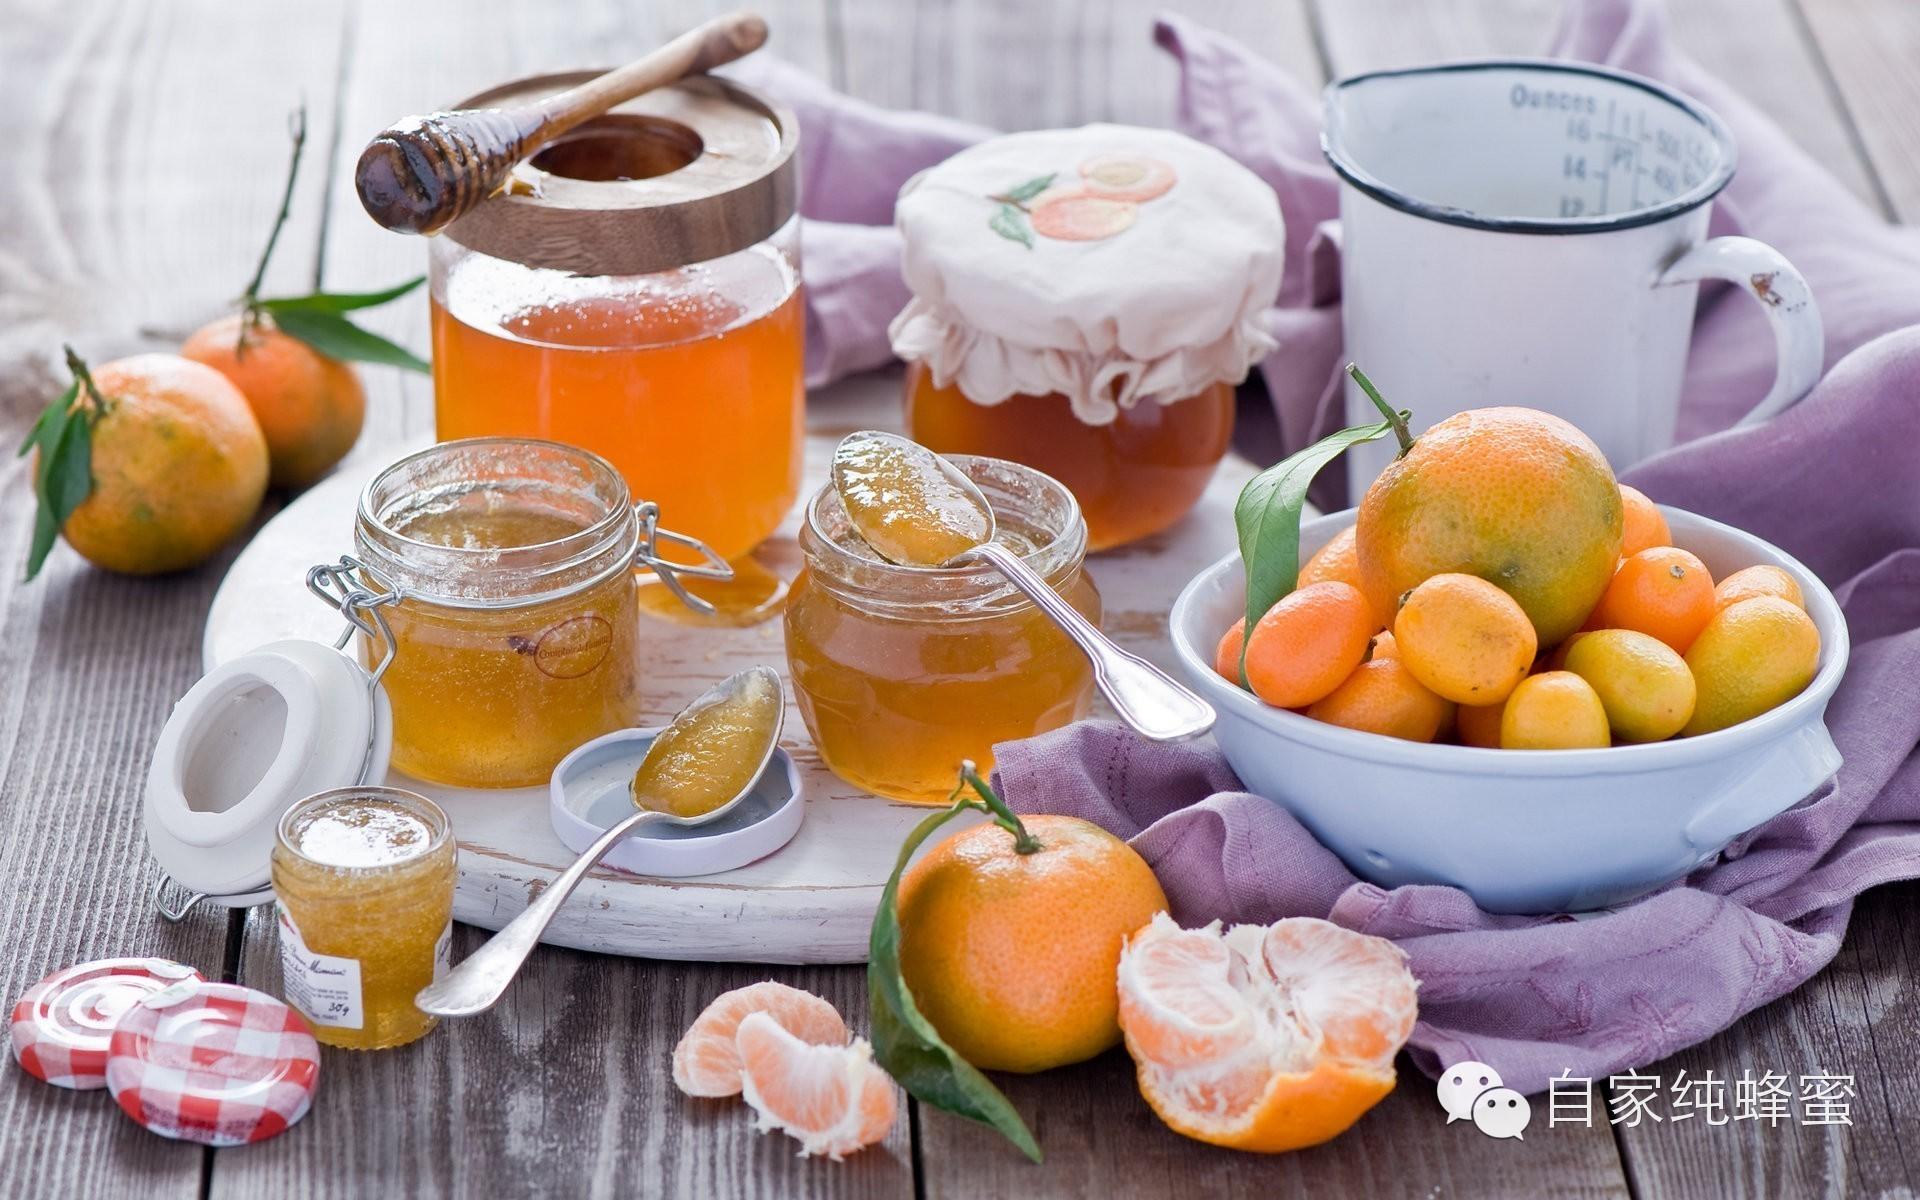 蜂蜜水的好处 正确喝蜂蜜水让您更健康